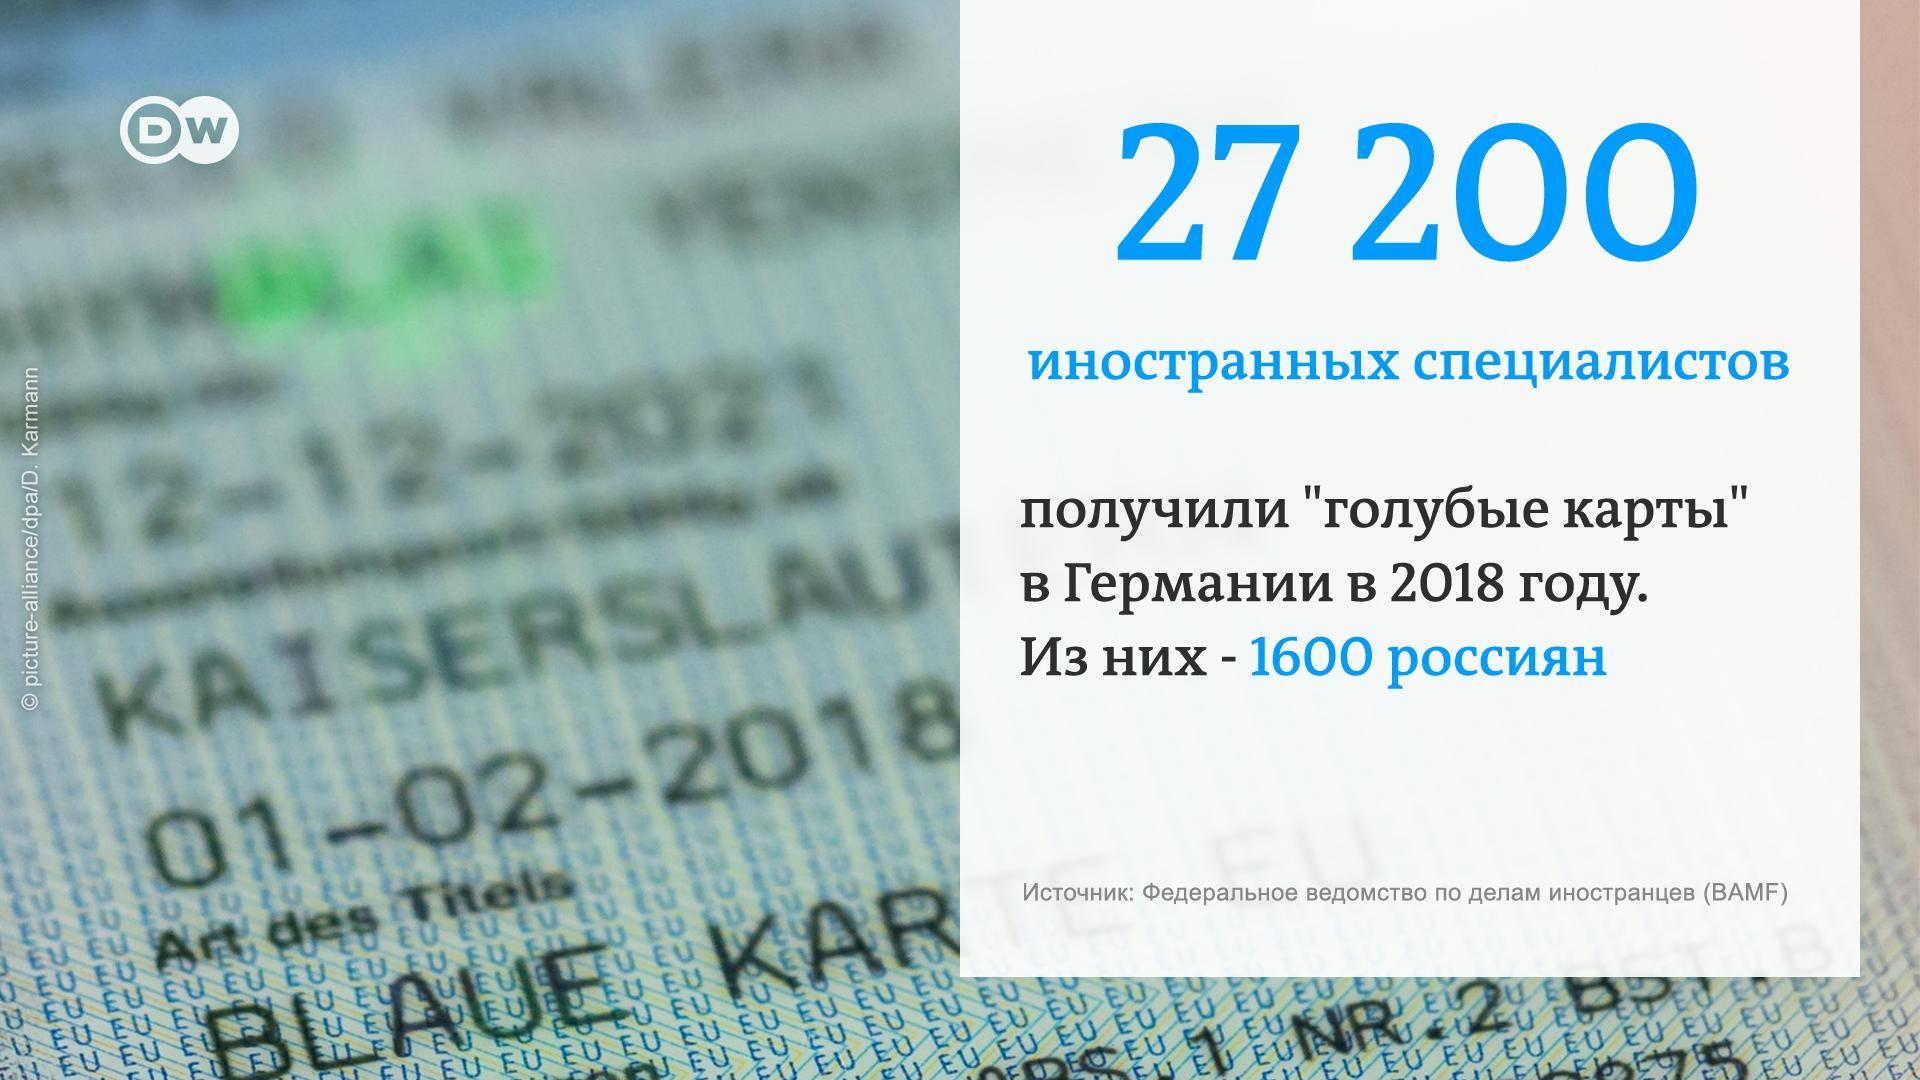 Как получить blue card в европе иностранцу в 2021 году